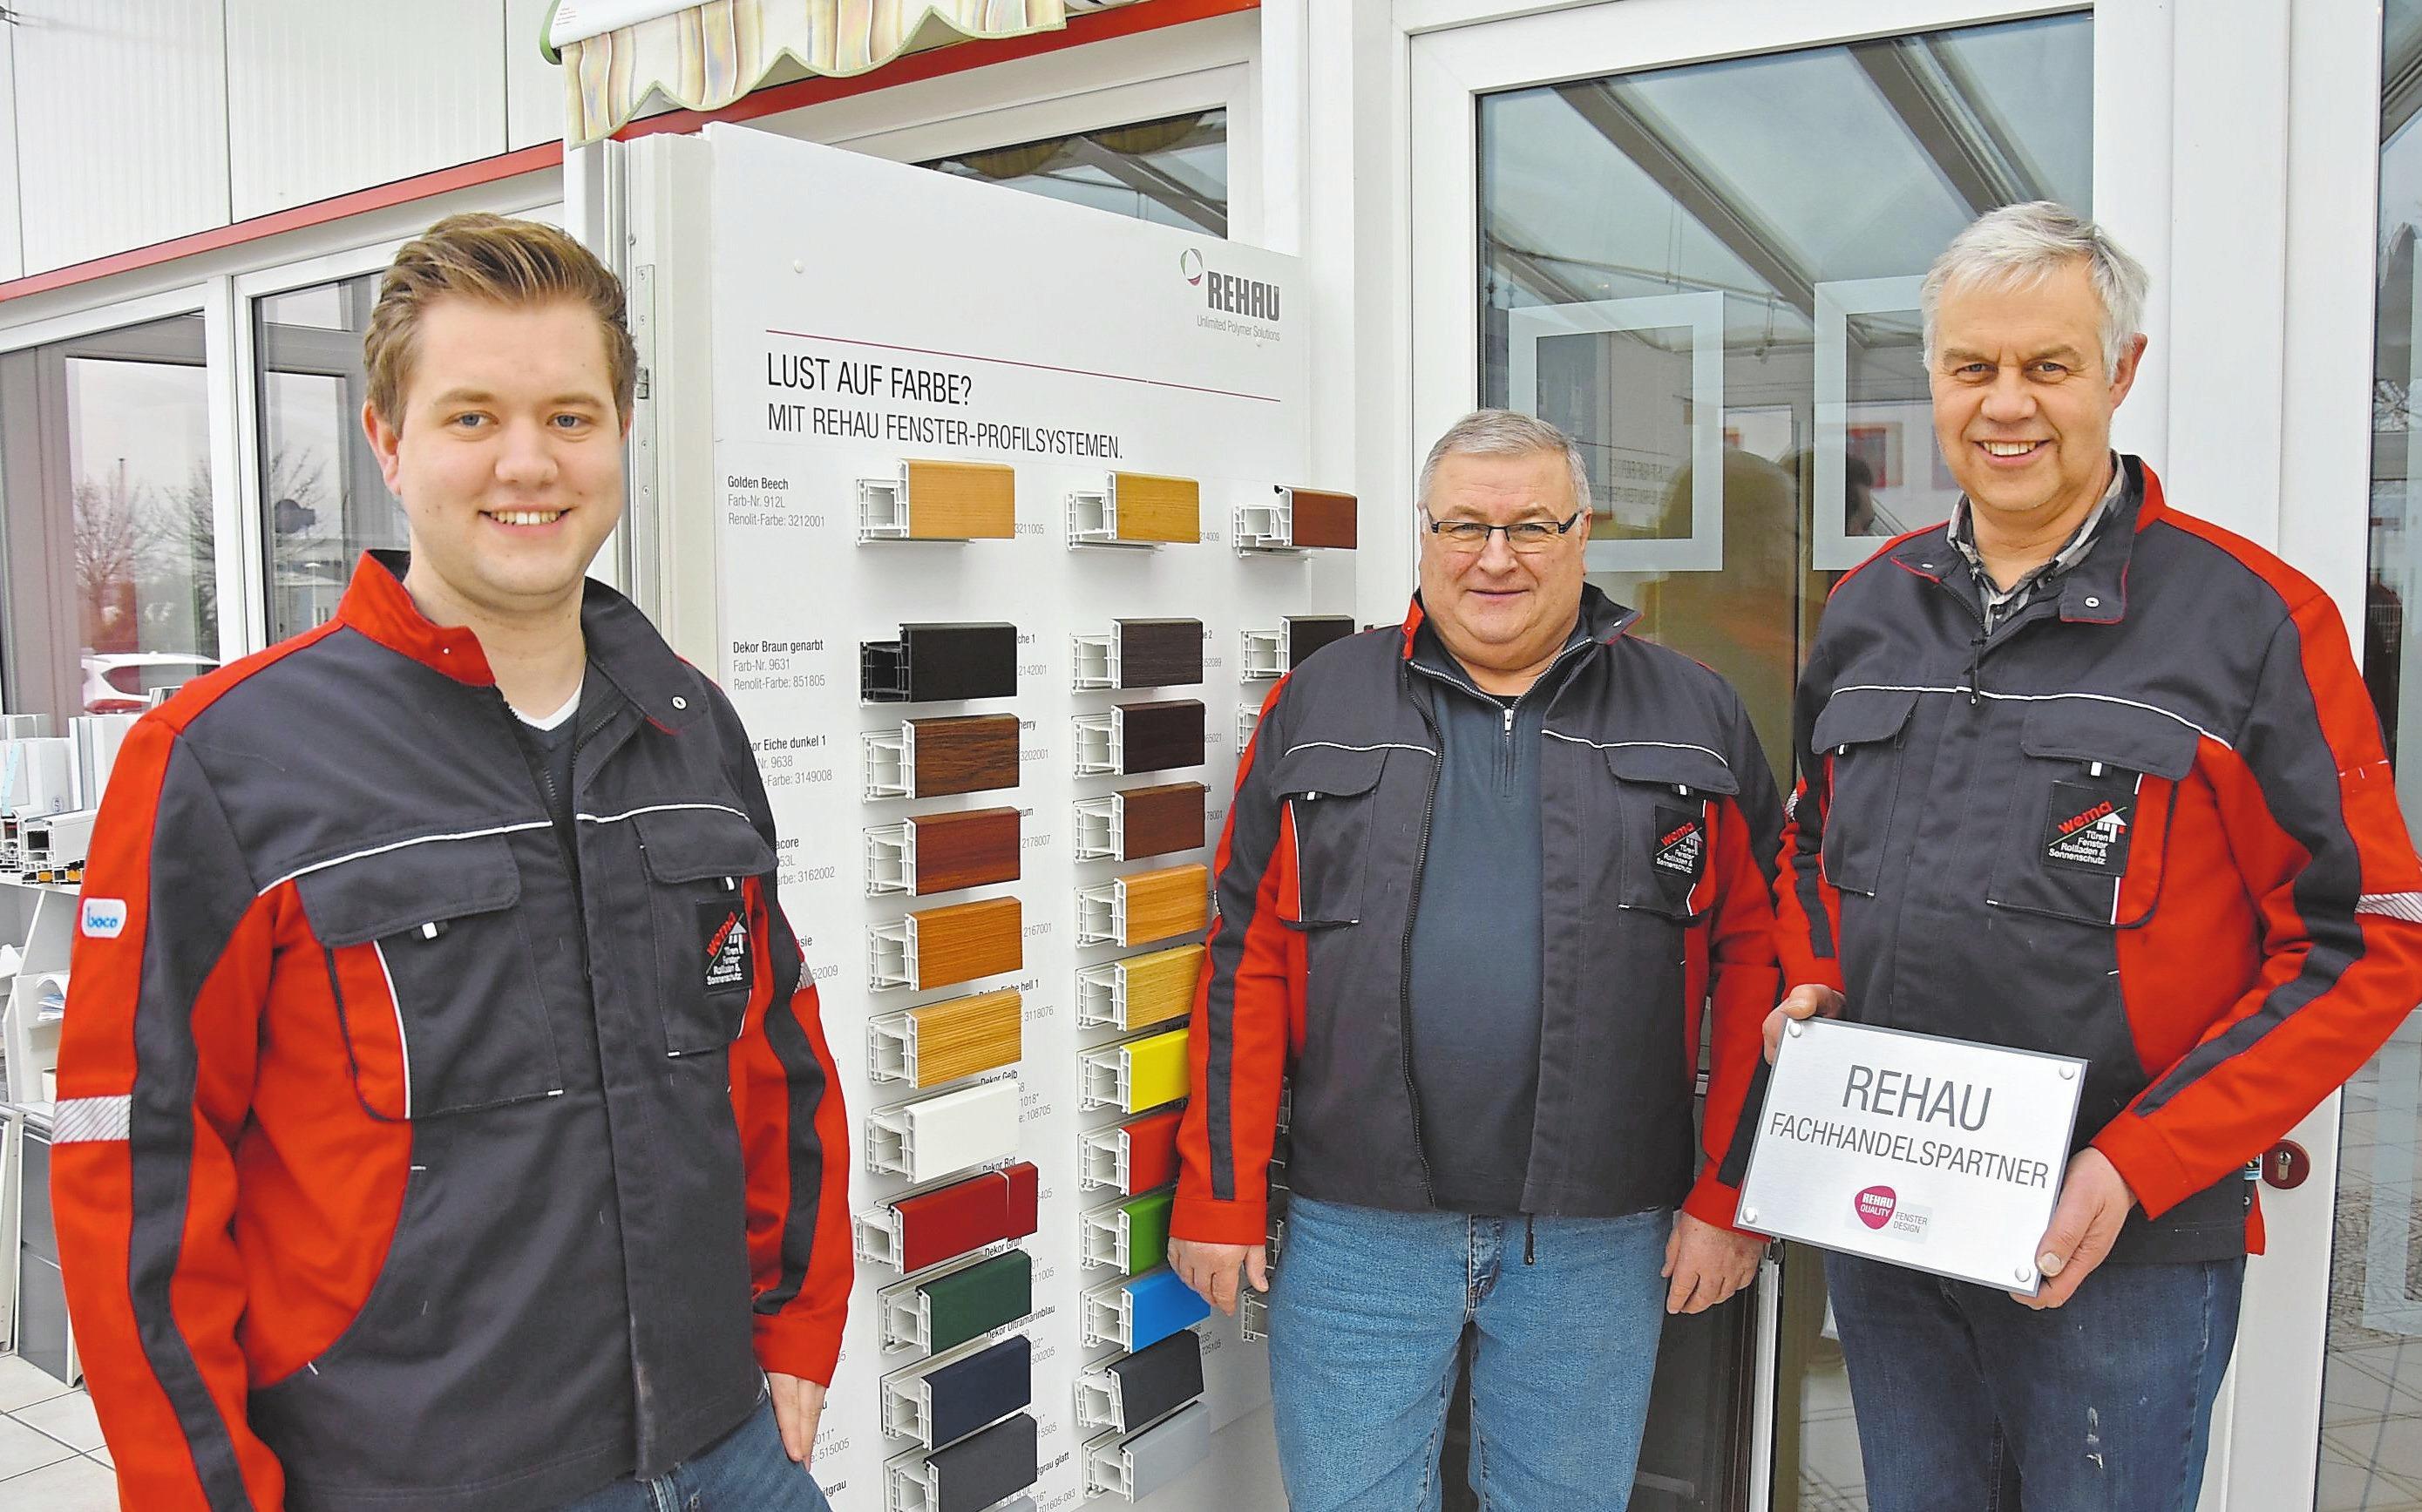 """Markus Wensing, Alfred Weßling und Karl-Heinz Wensing (v.l.) sind beim Coesfelder Hersteller für Fenster, Türen und Garagentore """"wema"""" die Fachmänner. Foto: Matthias Lehmkuhl"""